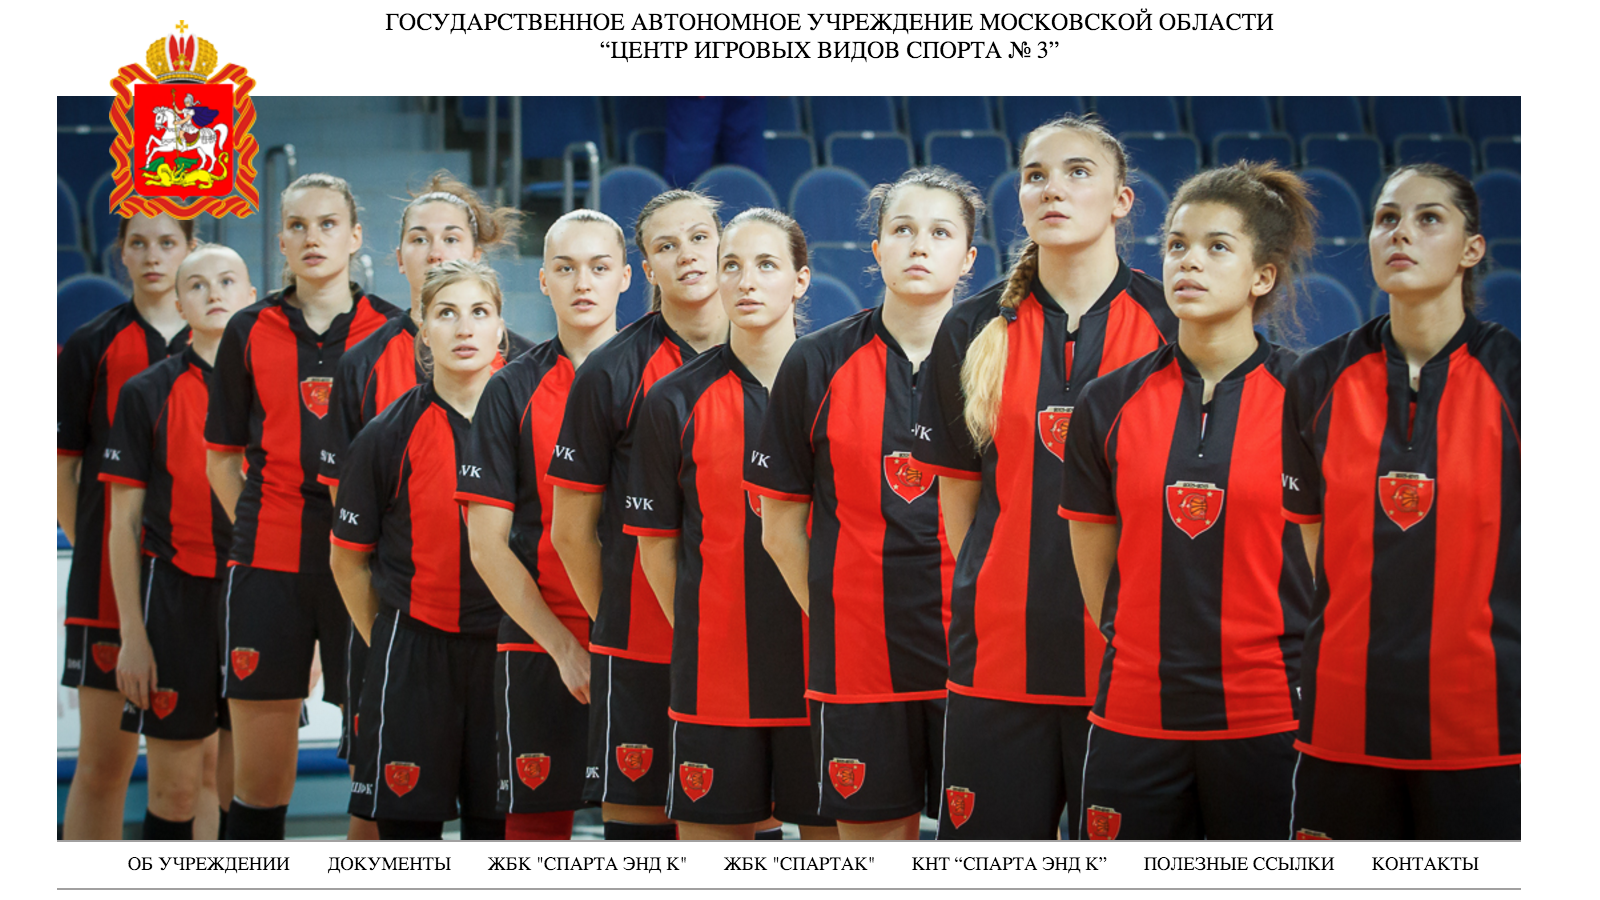 Сайт ГАУ МО «ЦИВС № 3» www.civs3.ru